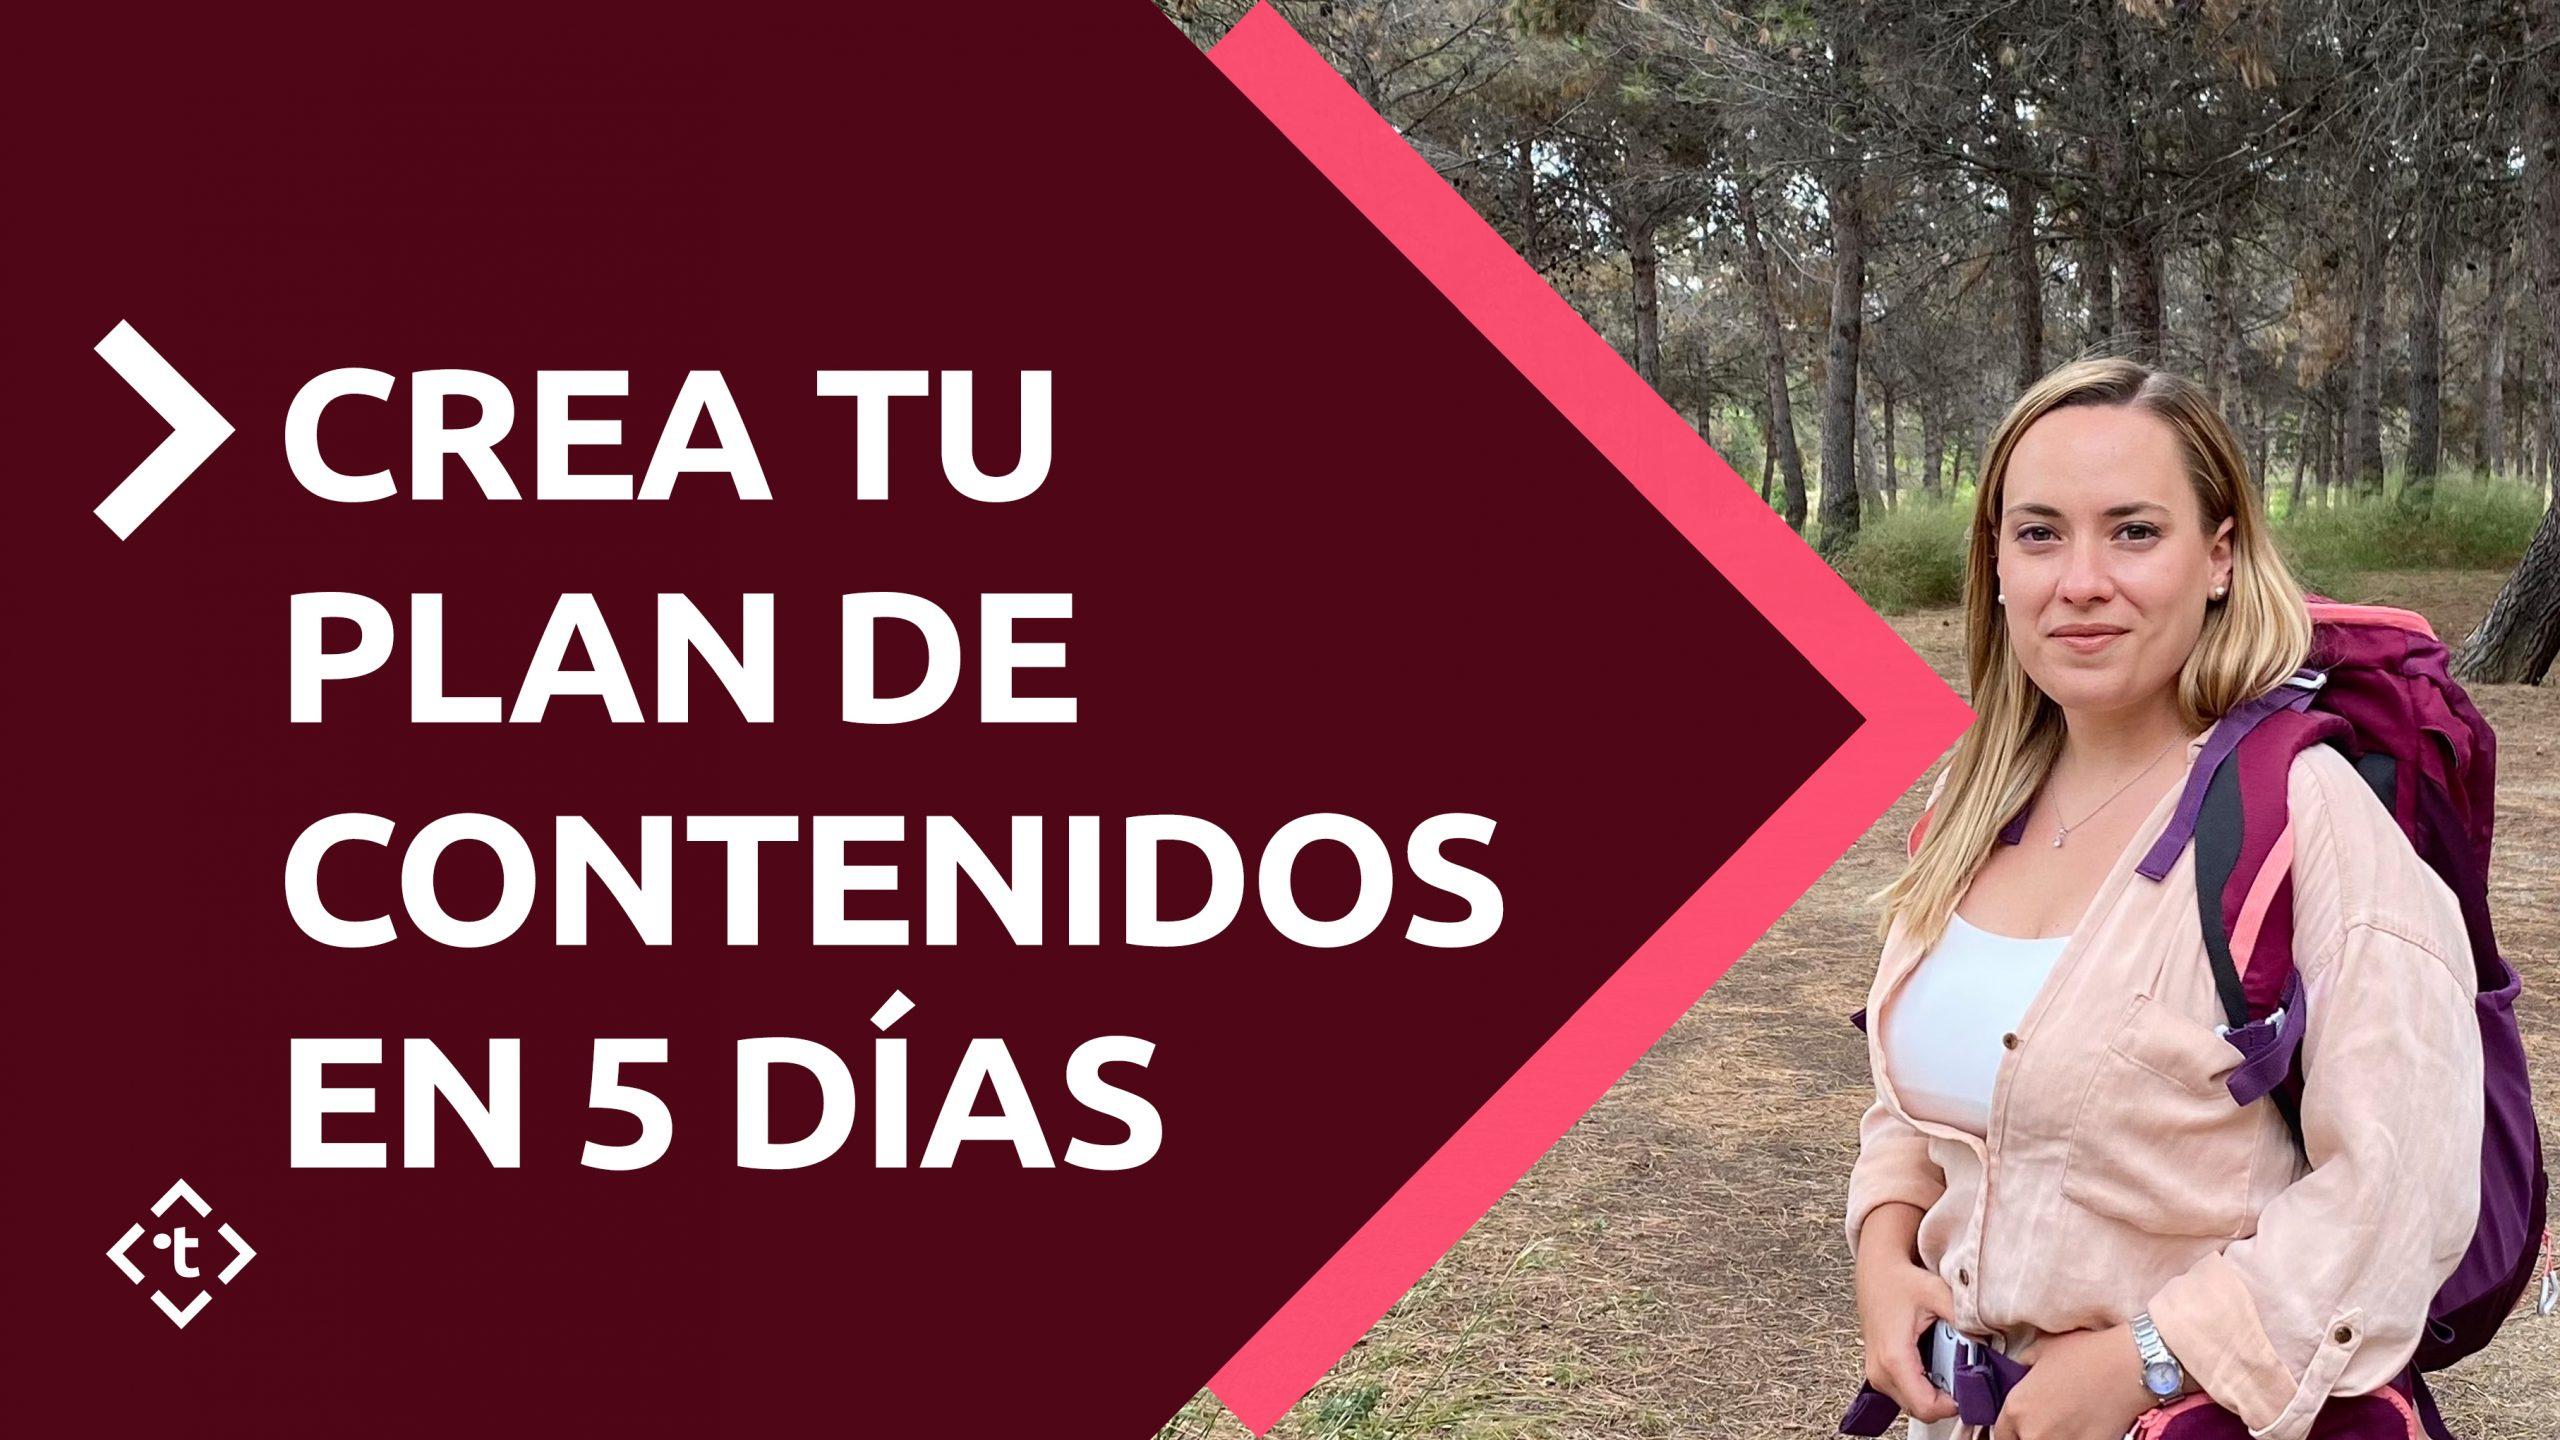 CREA TU PLAN DE CONTENIDOS EN 5 DIAS